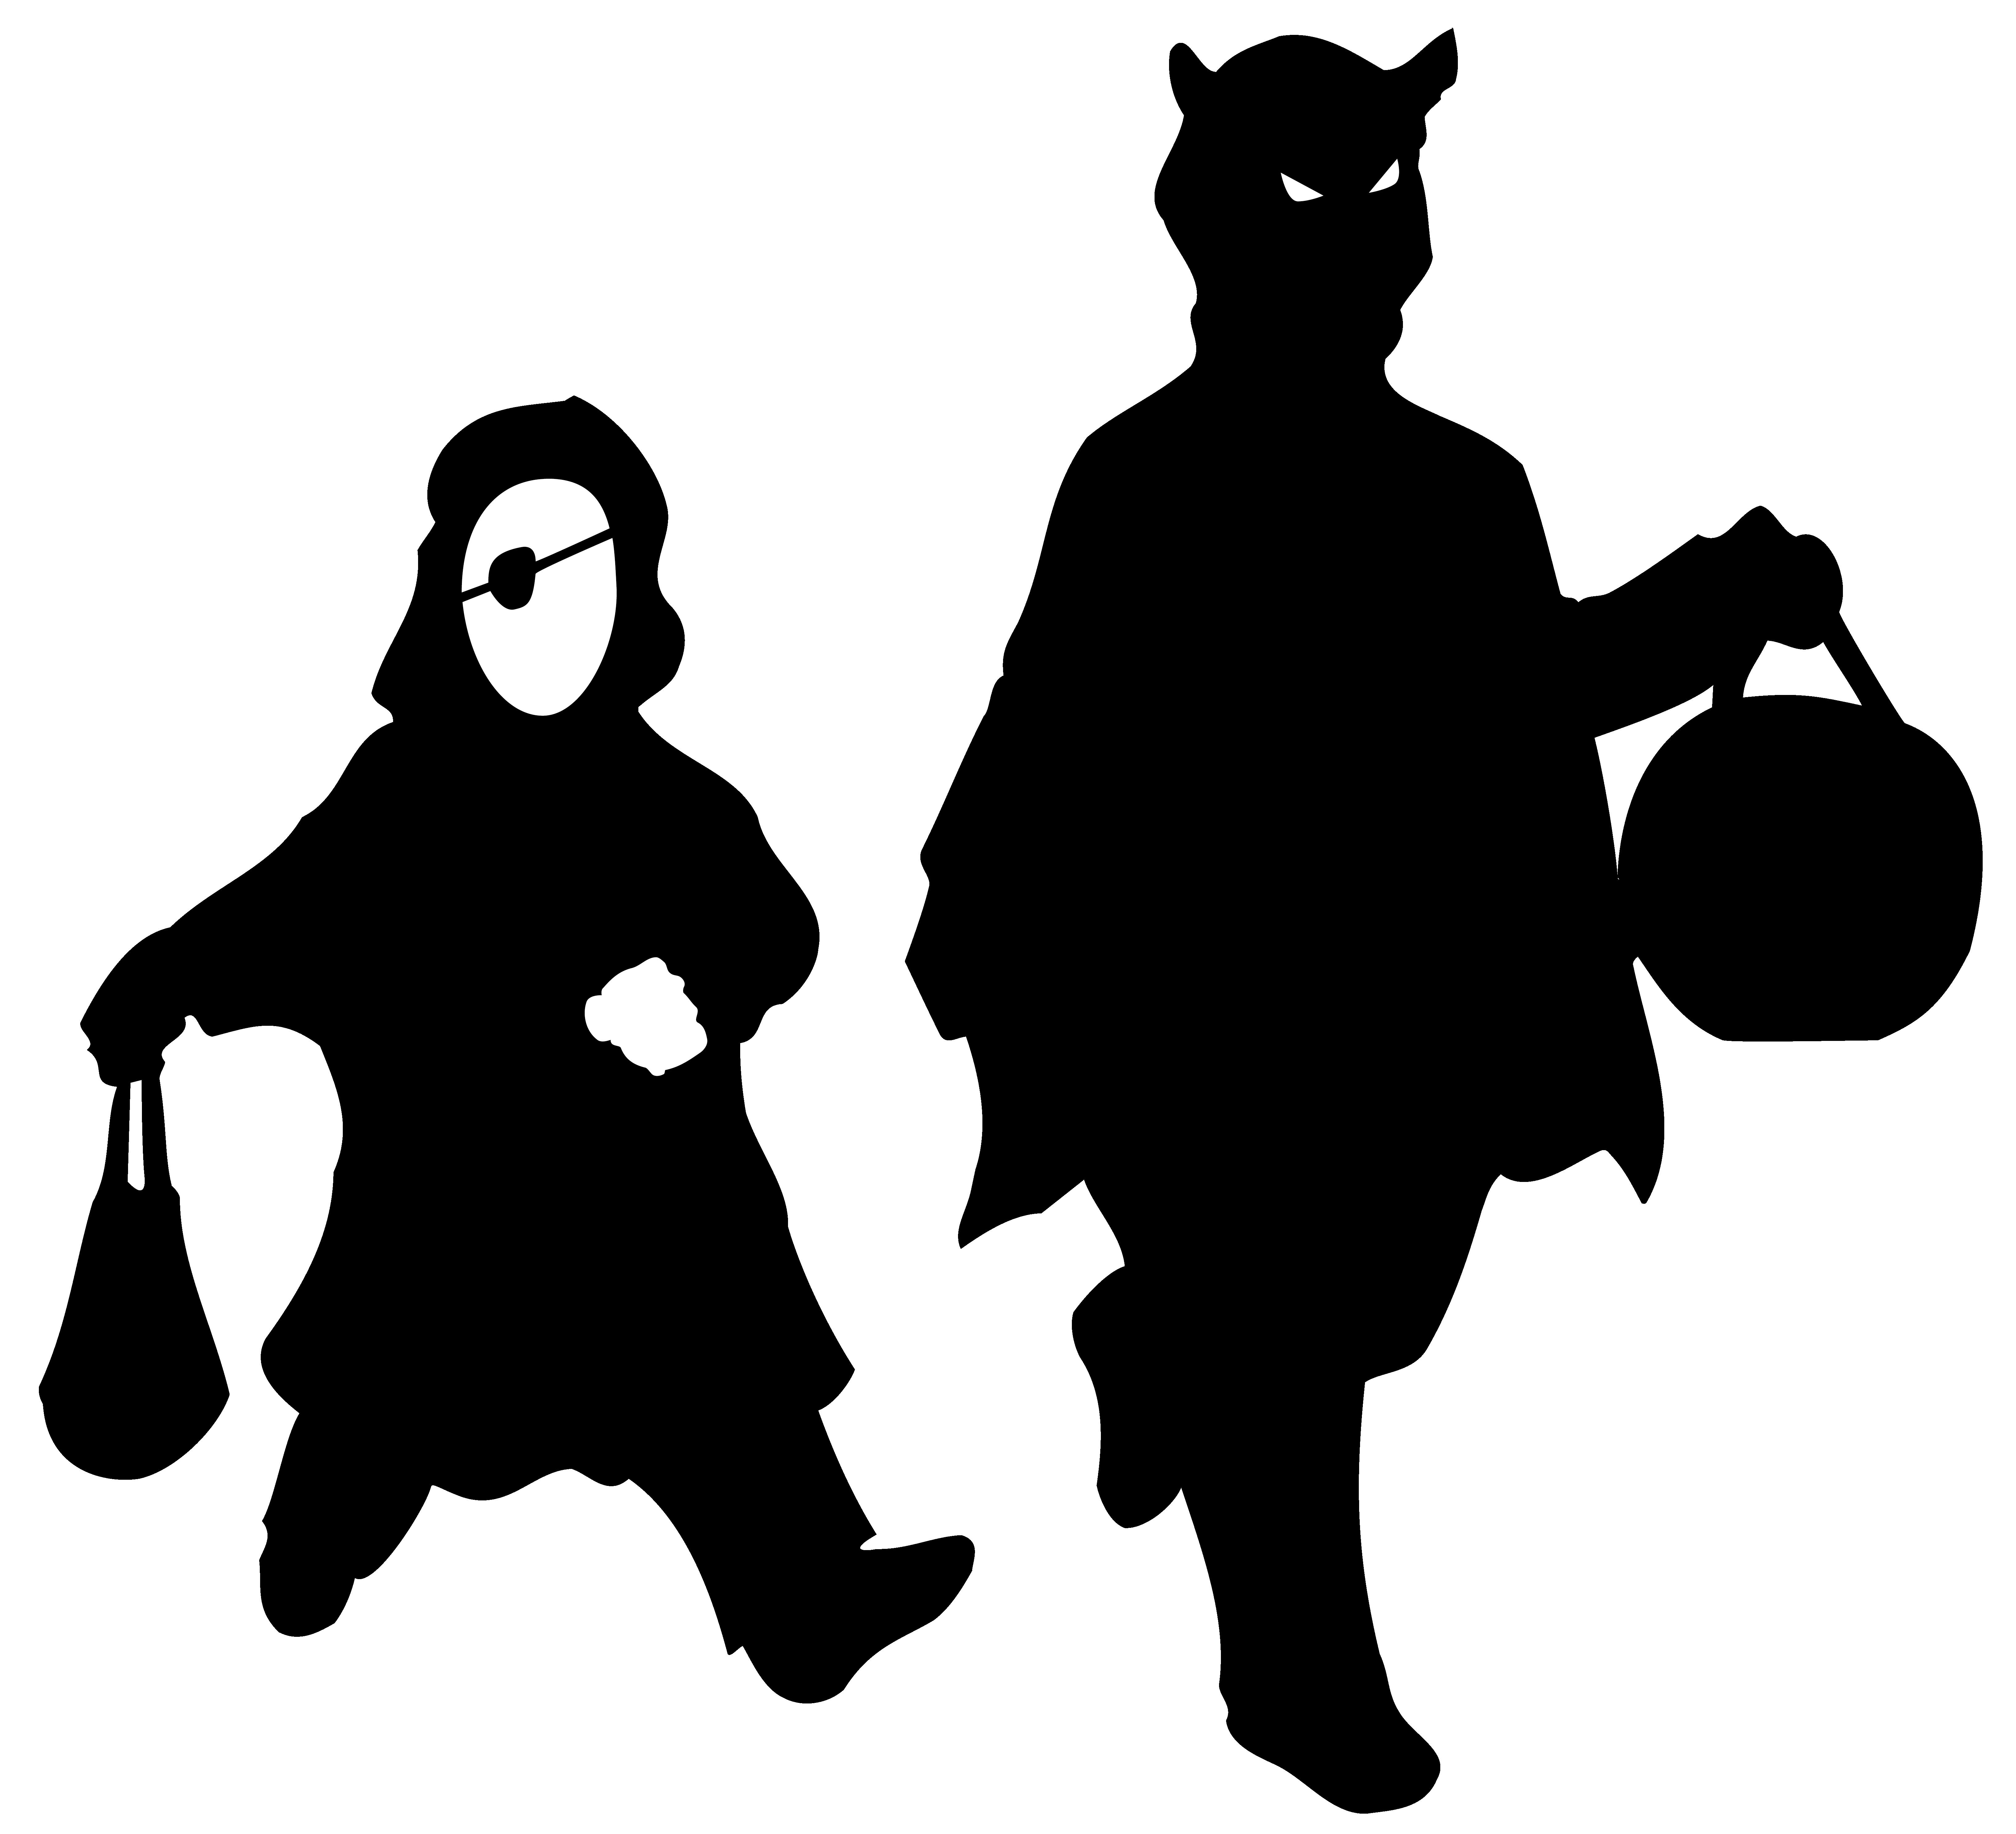 Shadows clipart #15